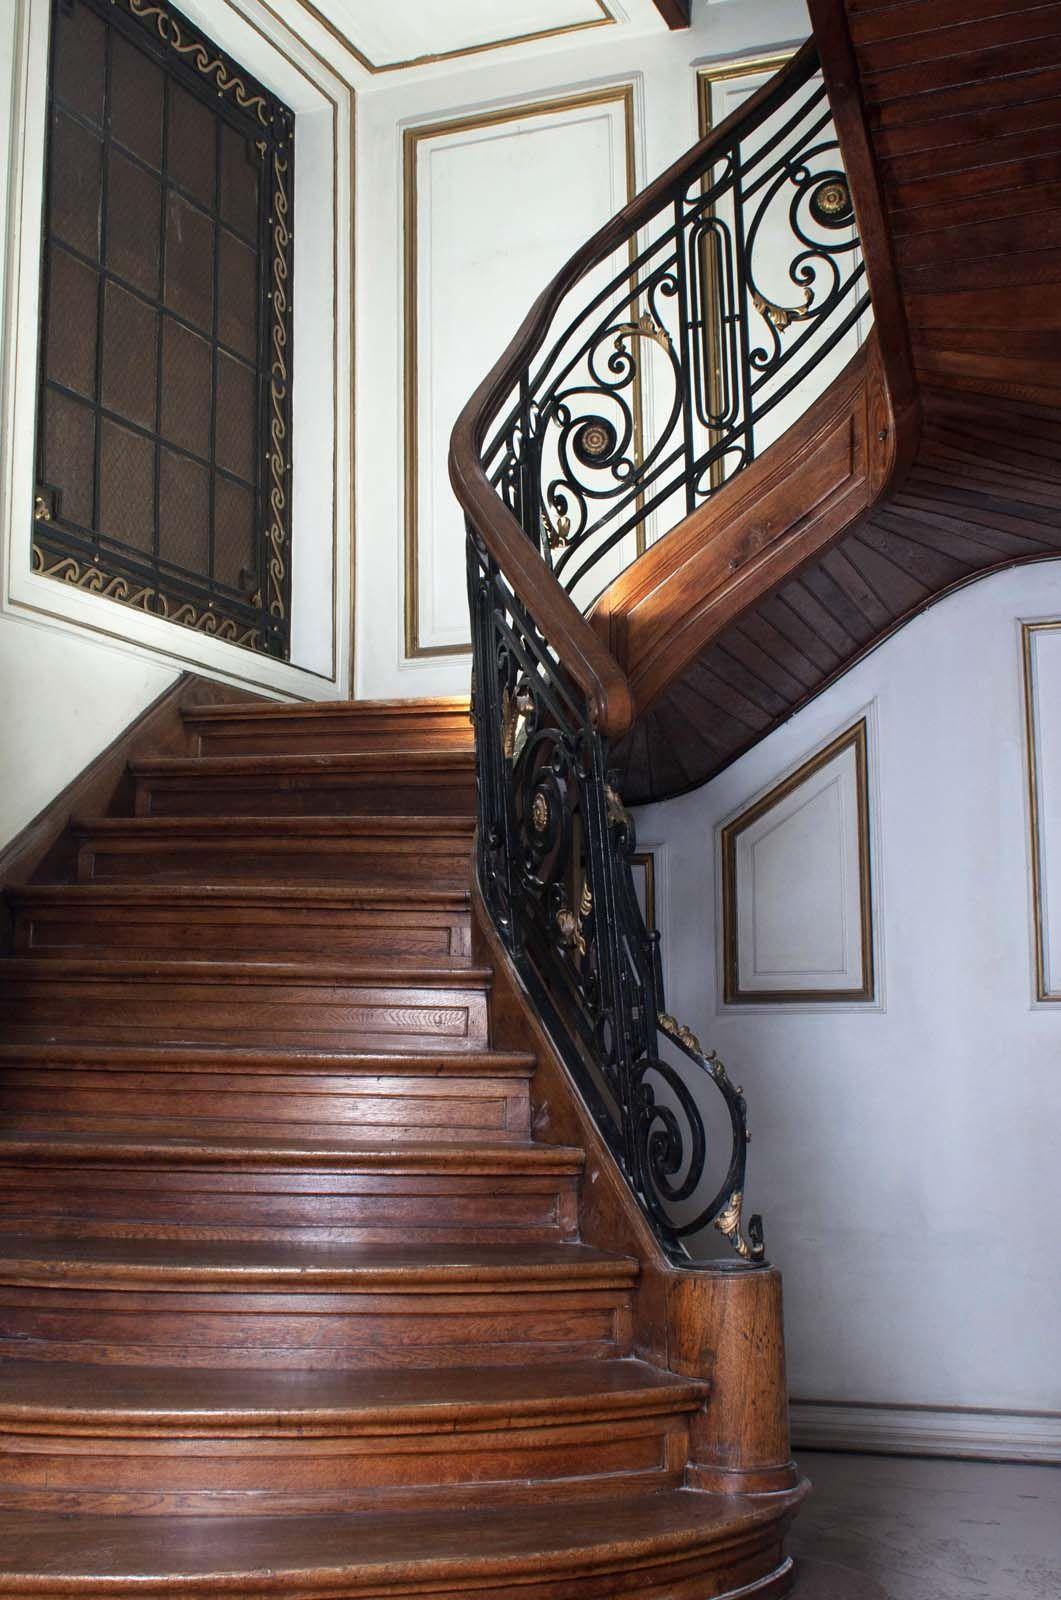 Baranda de escalera estilo franc s en hierro forjado - Escaleras de hierro forjado ...